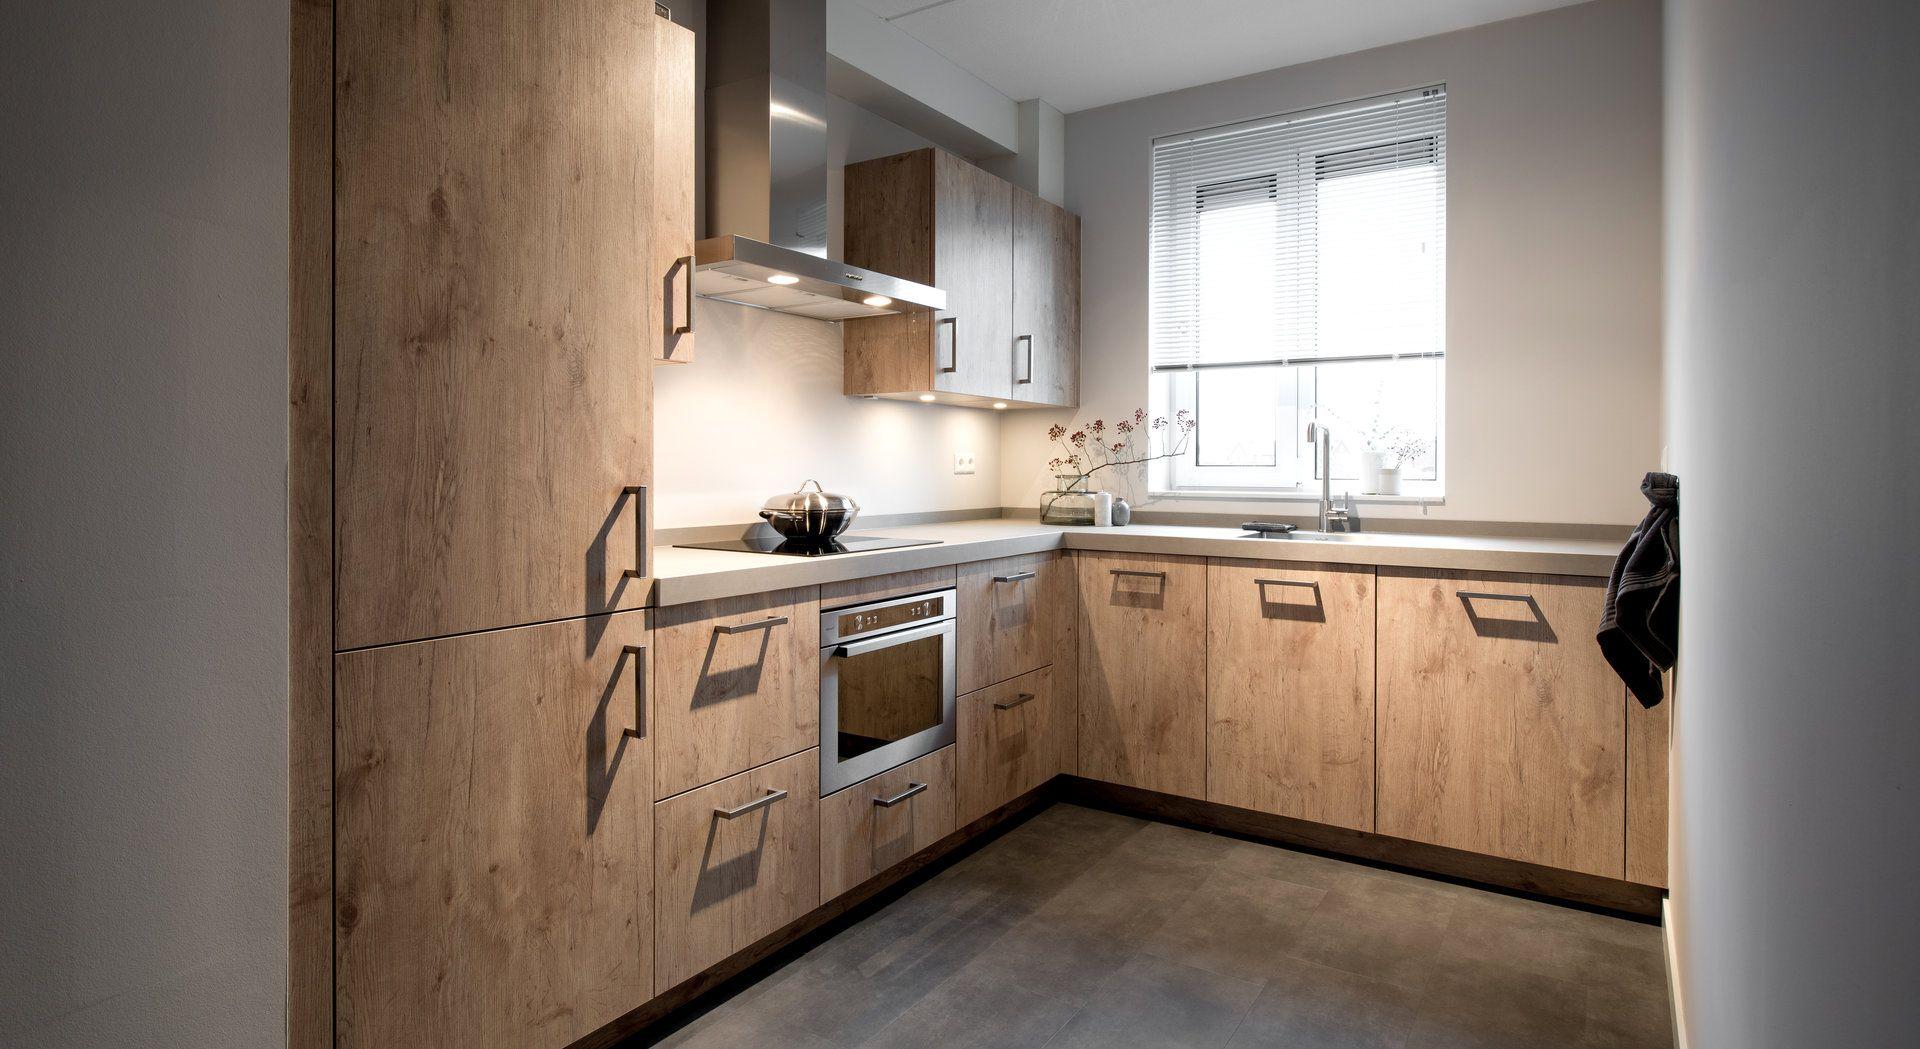 Moderne keuken s bekijken koopjestuin